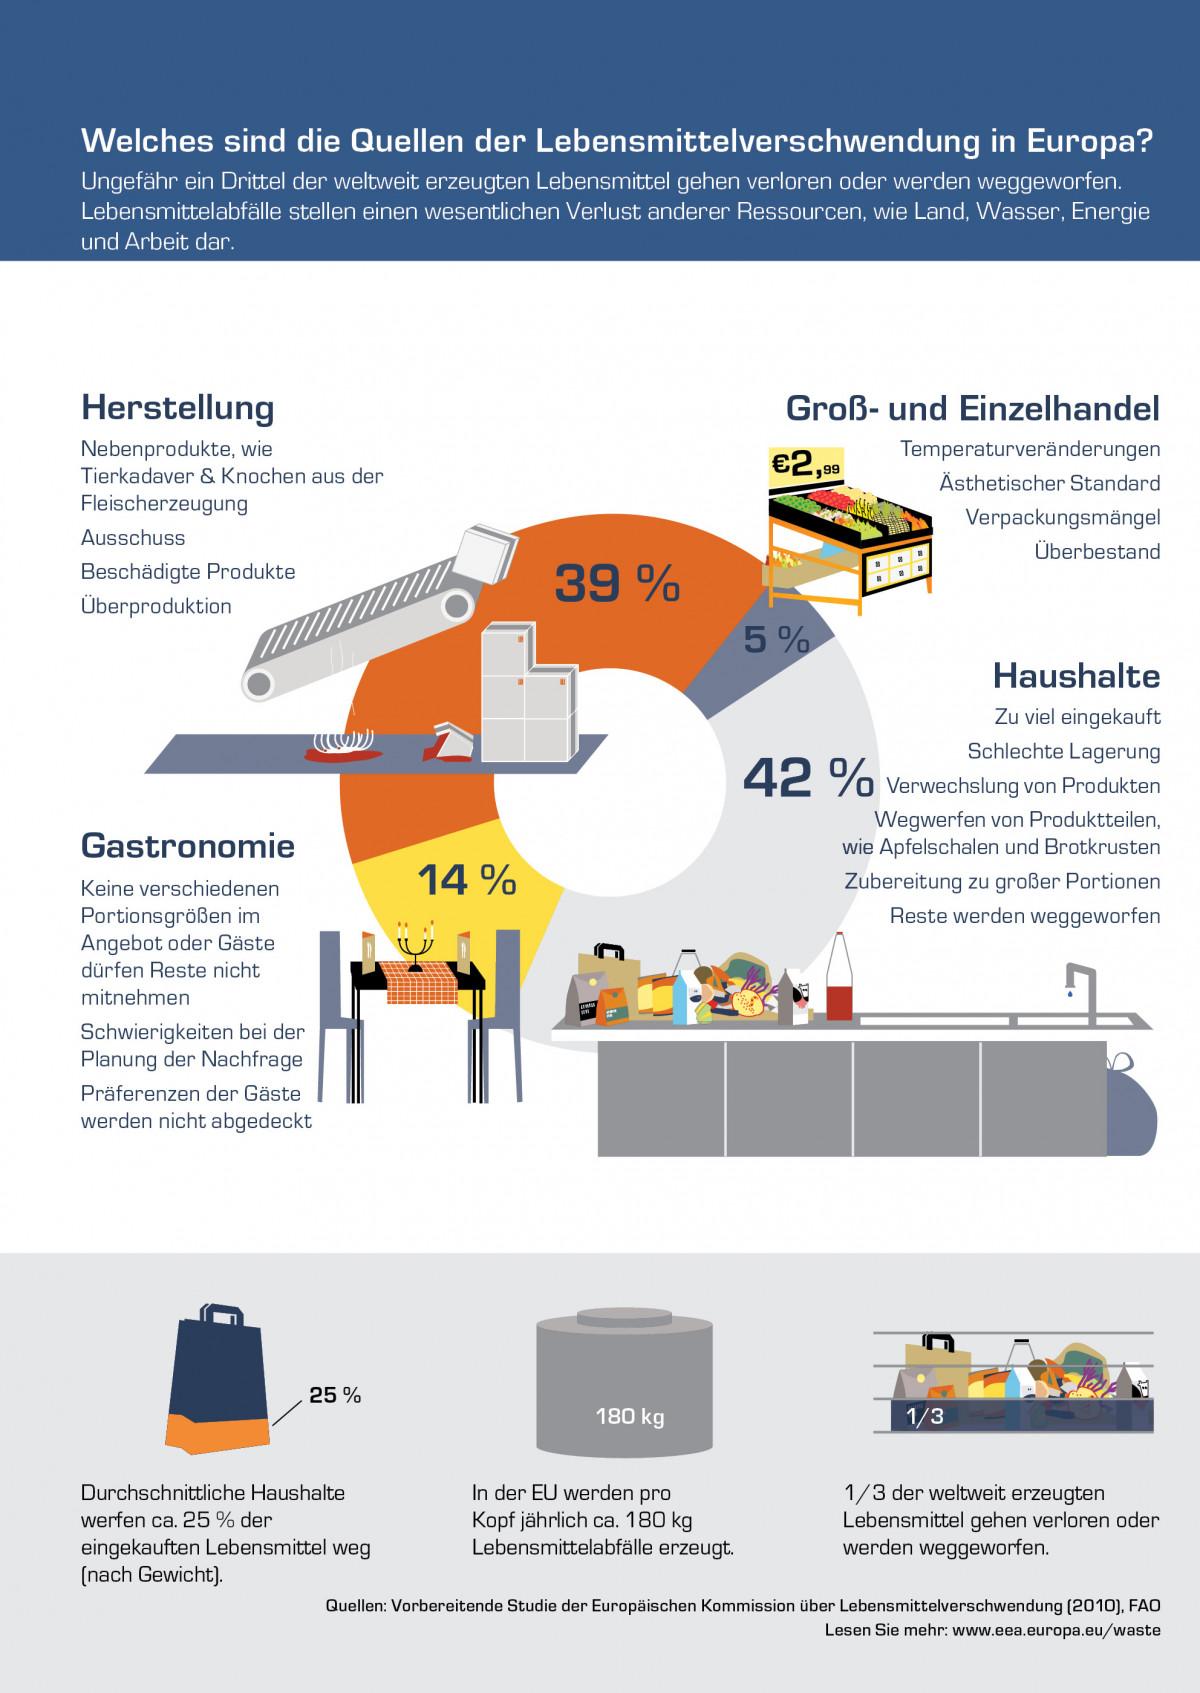 Lebensmittelabfälle entstehen zu 42% in Haushalten, zu 39% bei der Herstellung, zu 14% in der Gastronomie und zu 5% im Groß- und Einzelhandel. Durchschnittliche Haushalte werfen ca. 25% der eingekauften Lebensmittel (nach Gewicht) weg.